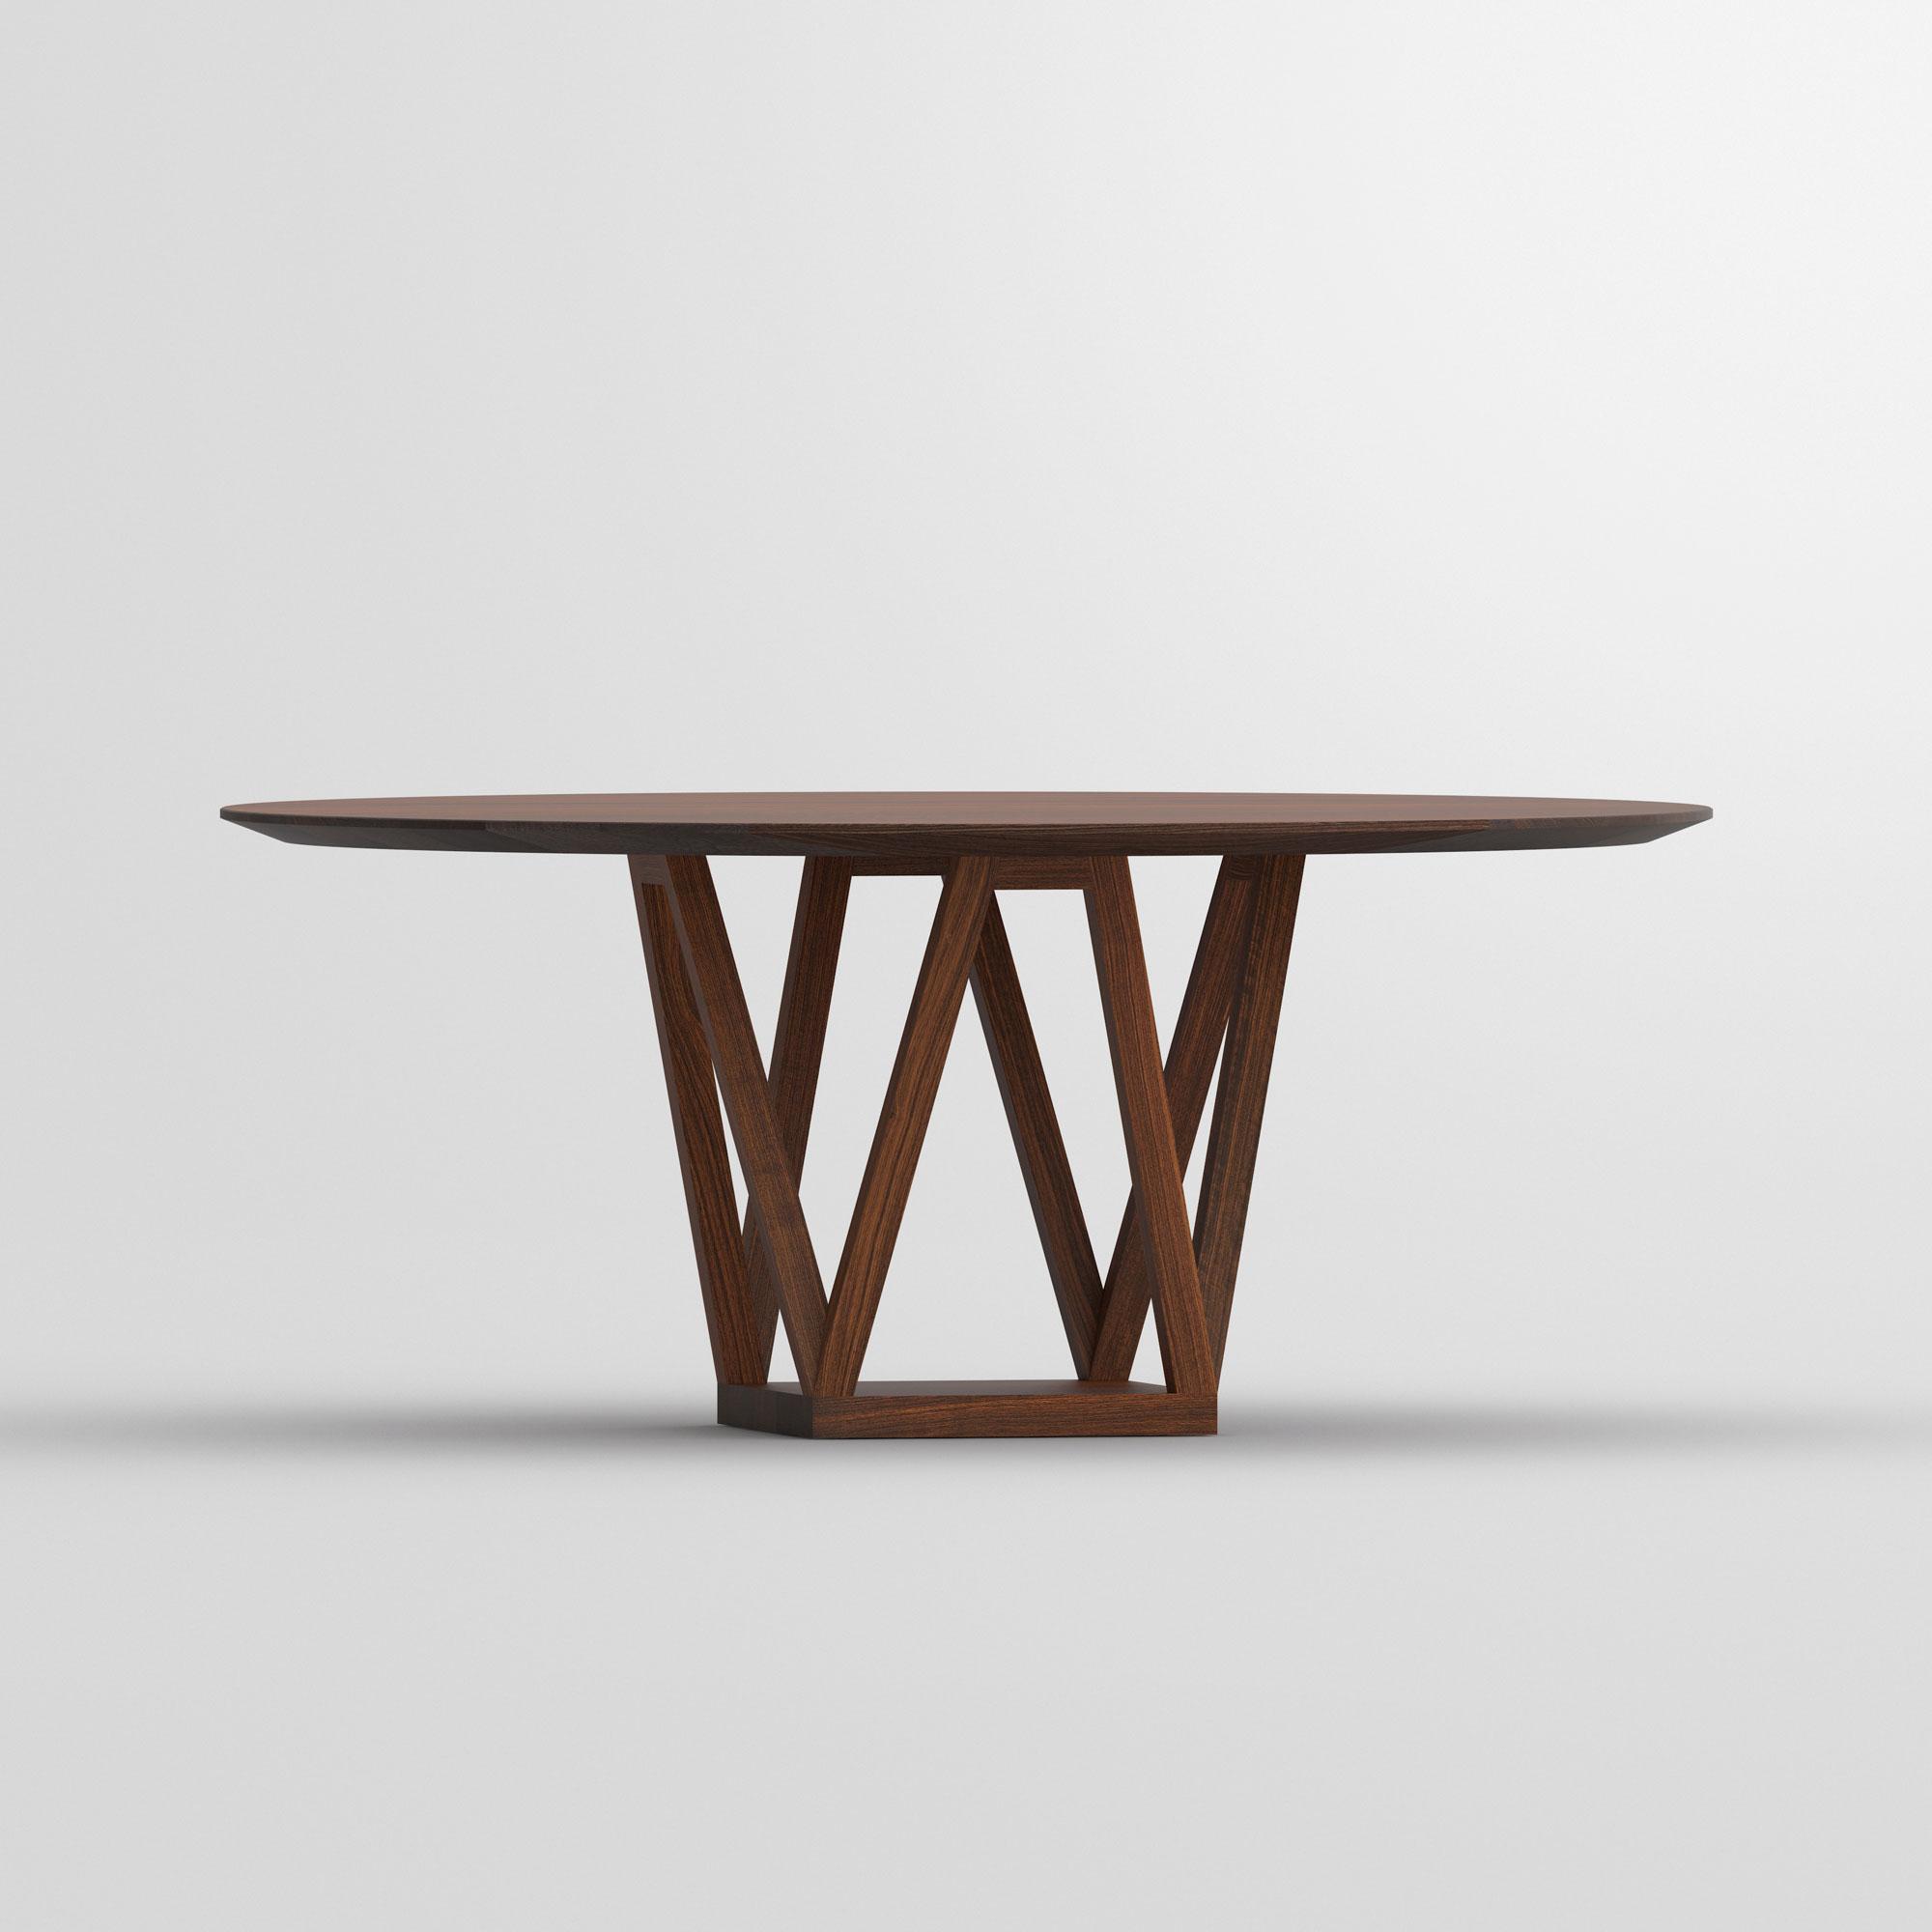 Runder design tisch creo vitamin design for Tisch vitamin design